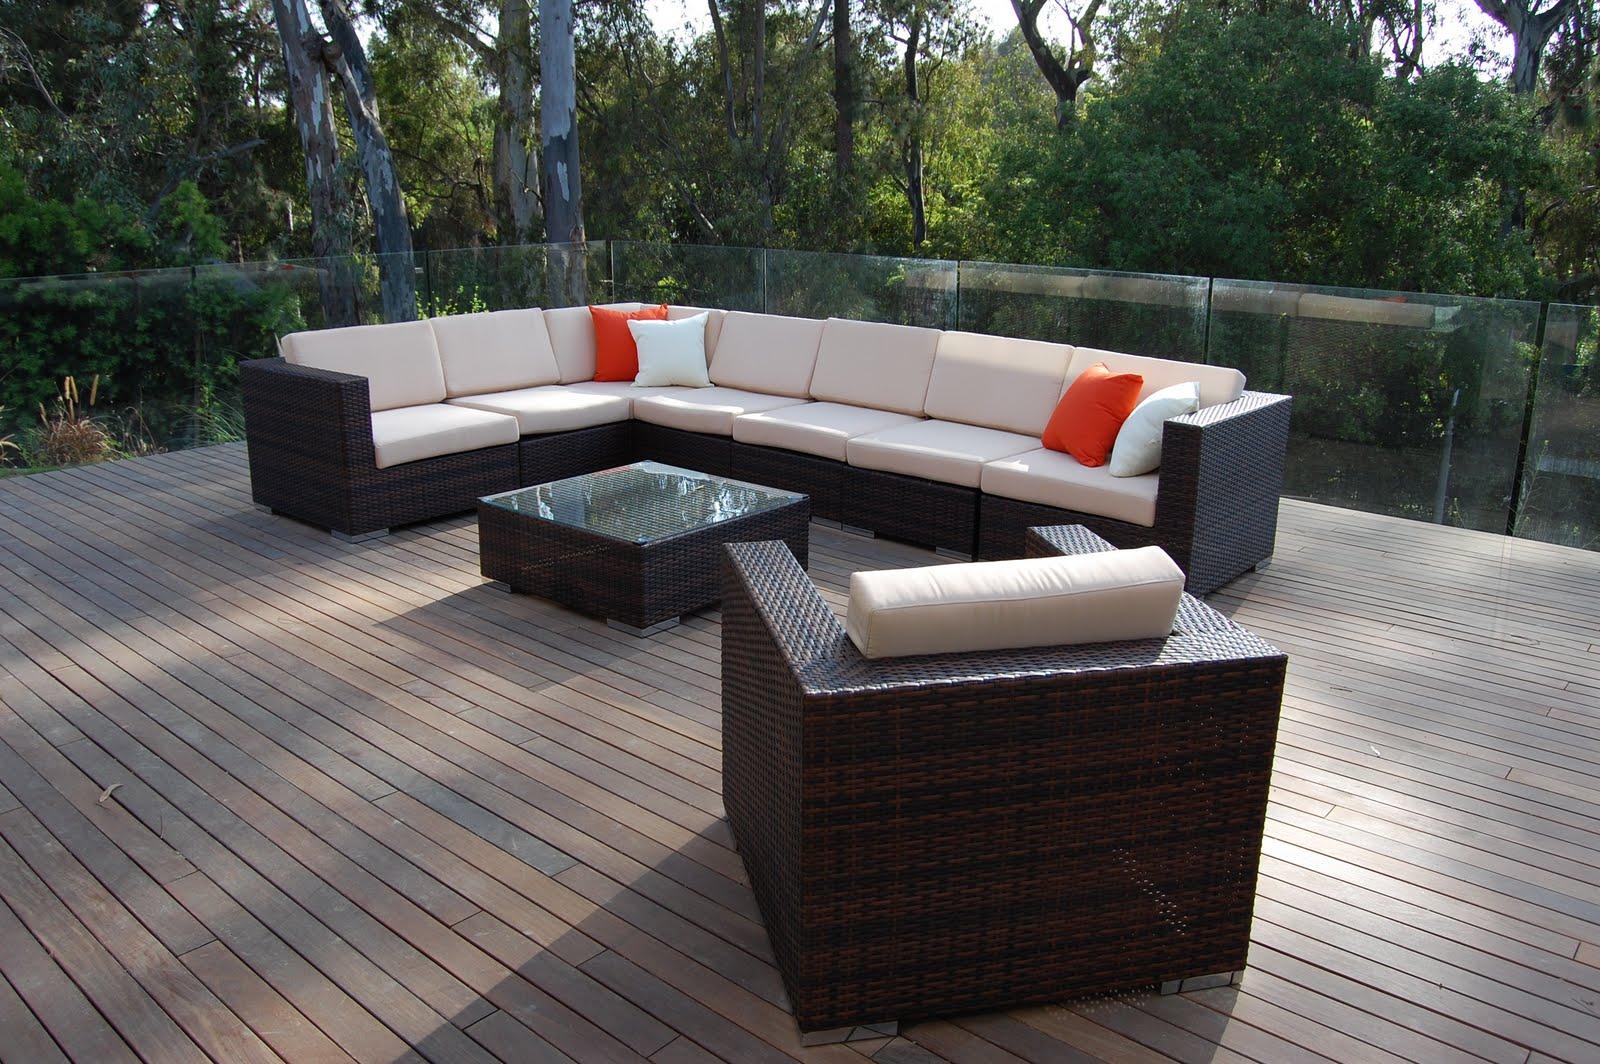 Ротанговая мебель темного цвета